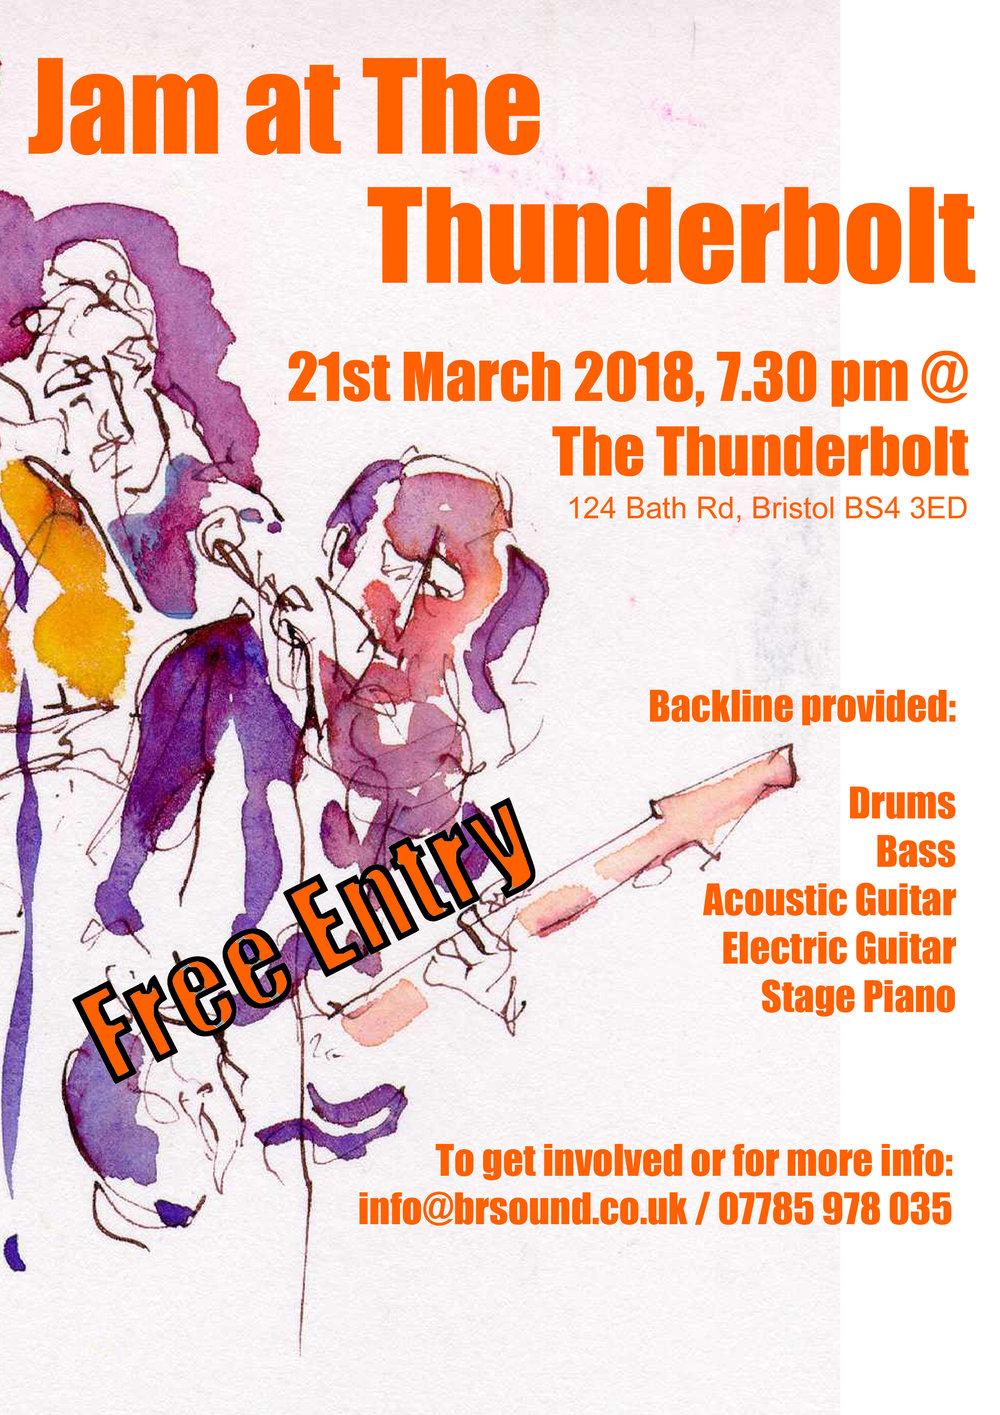 Jam at the Thunderbolt - New Poster JPEG.jpg